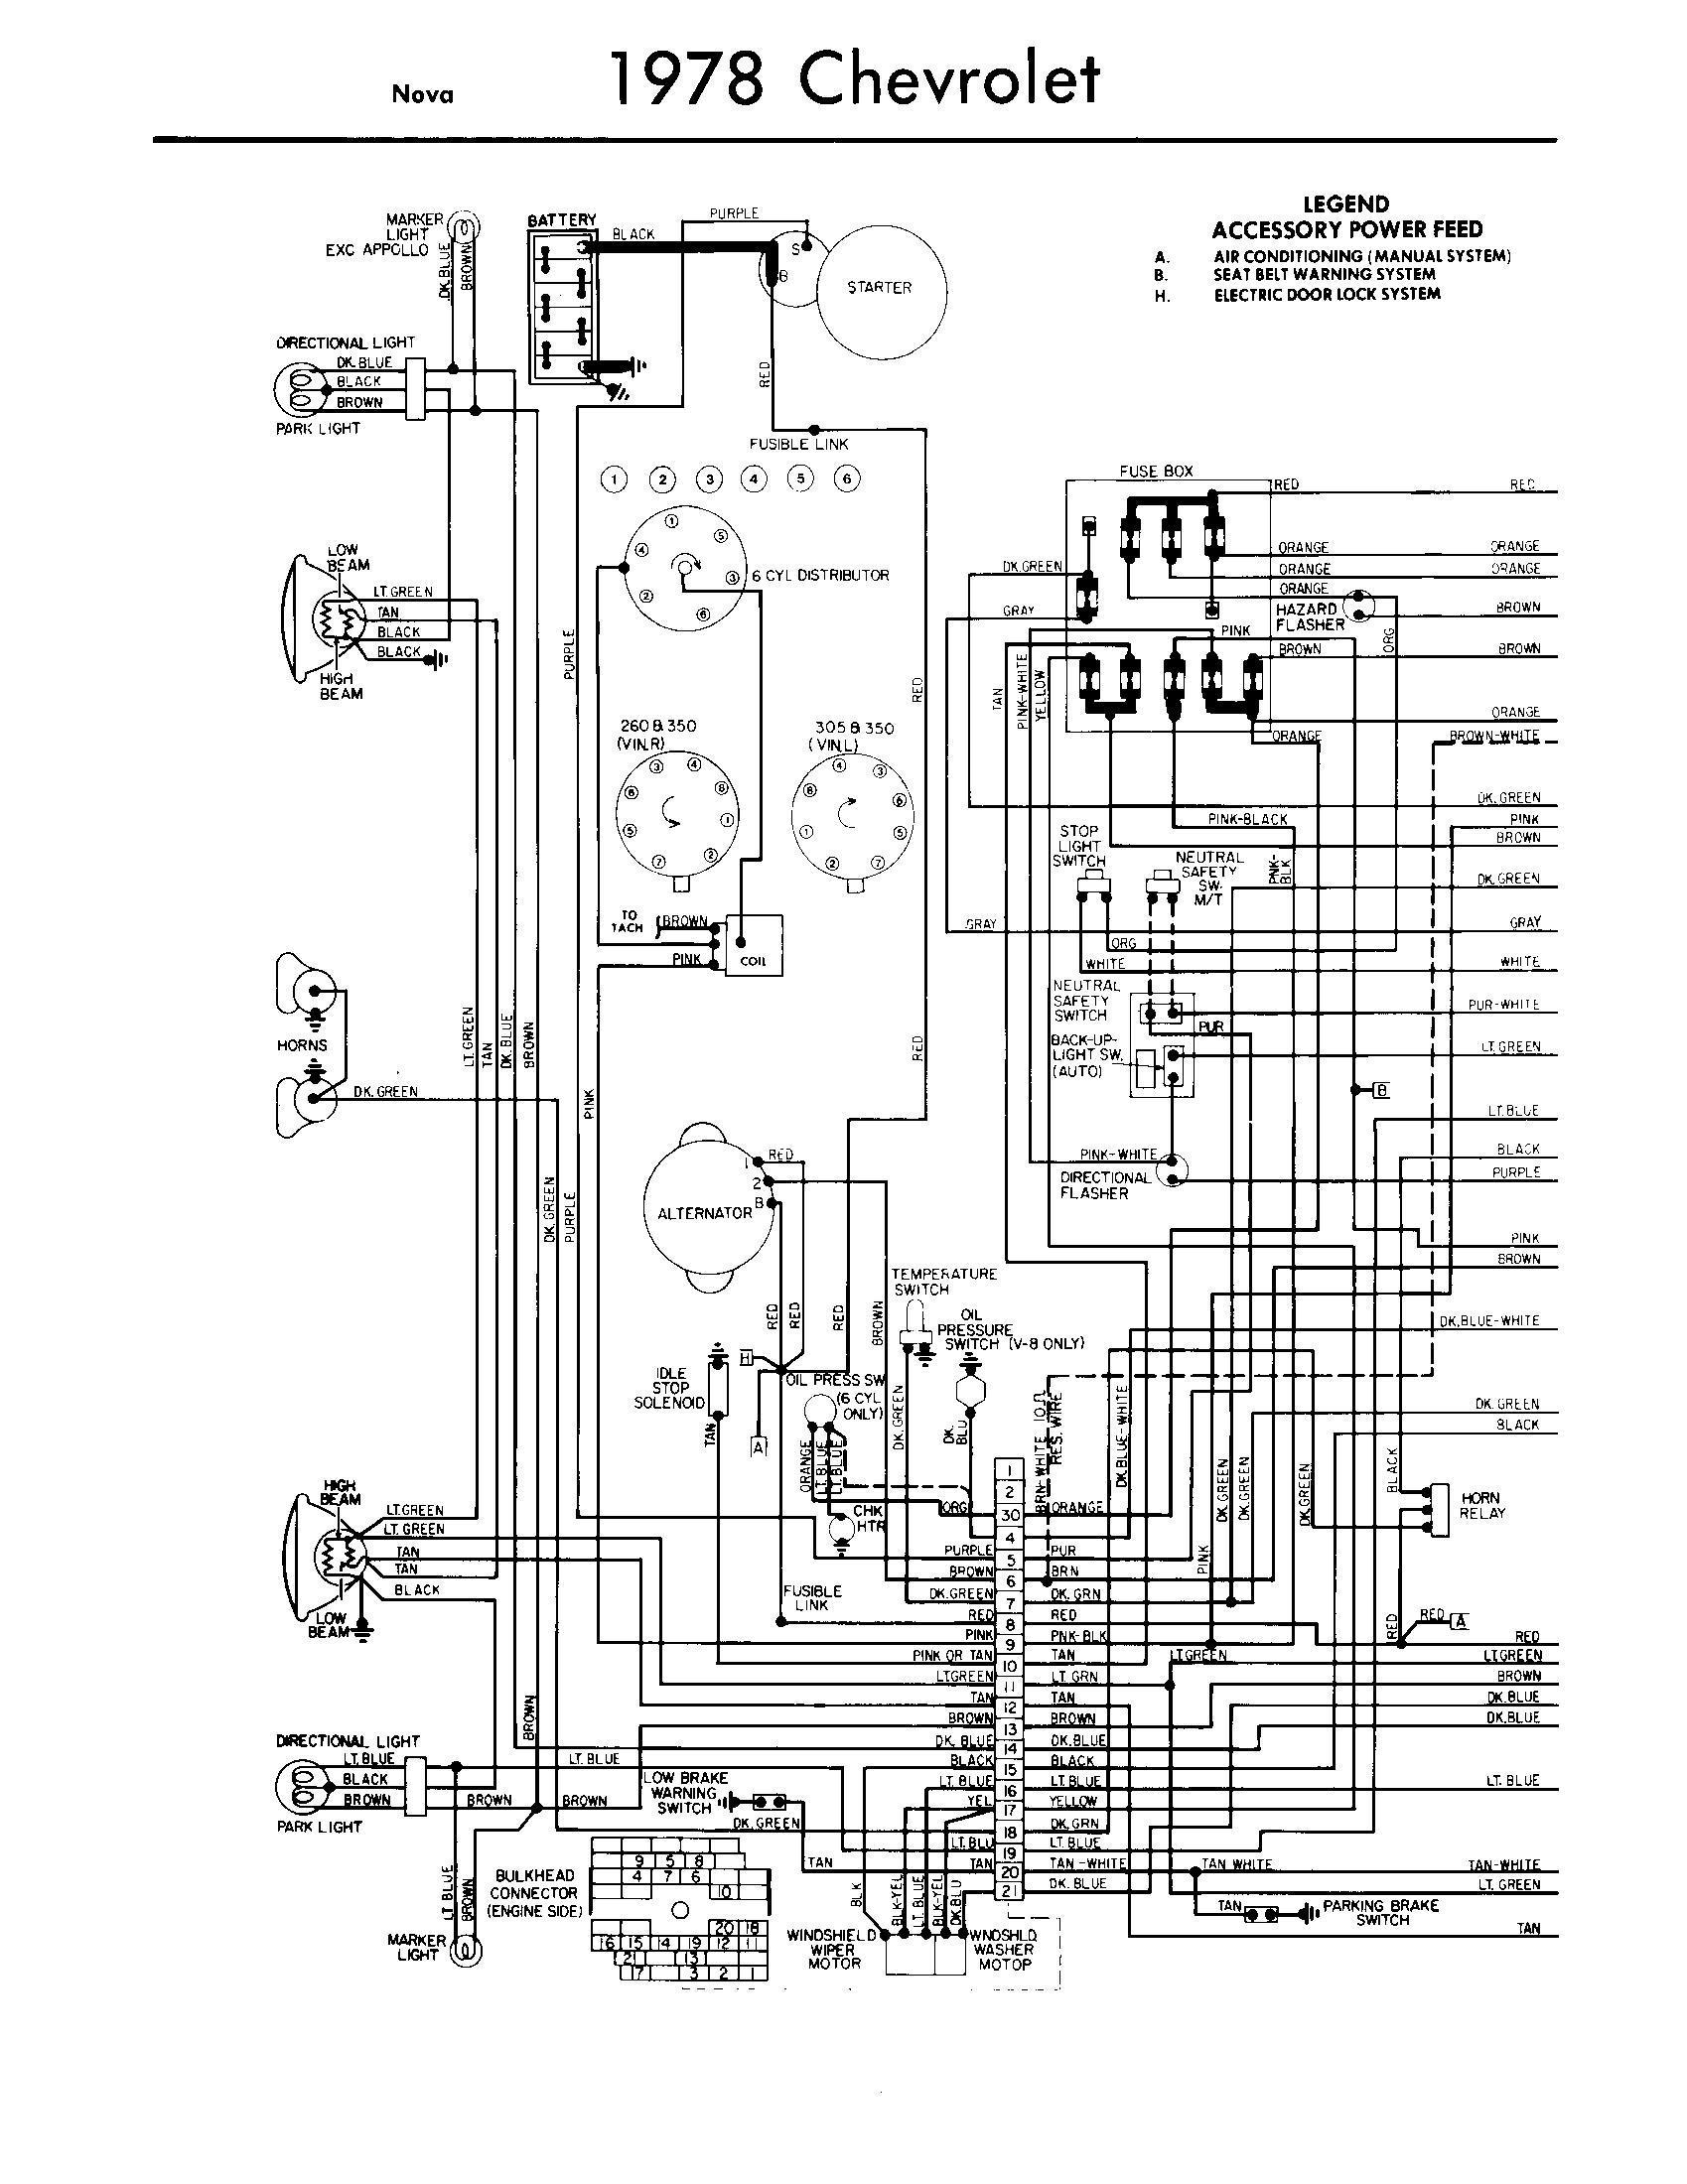 Bz 2141  Corvette Steering Column Diagram On Rear Chevy